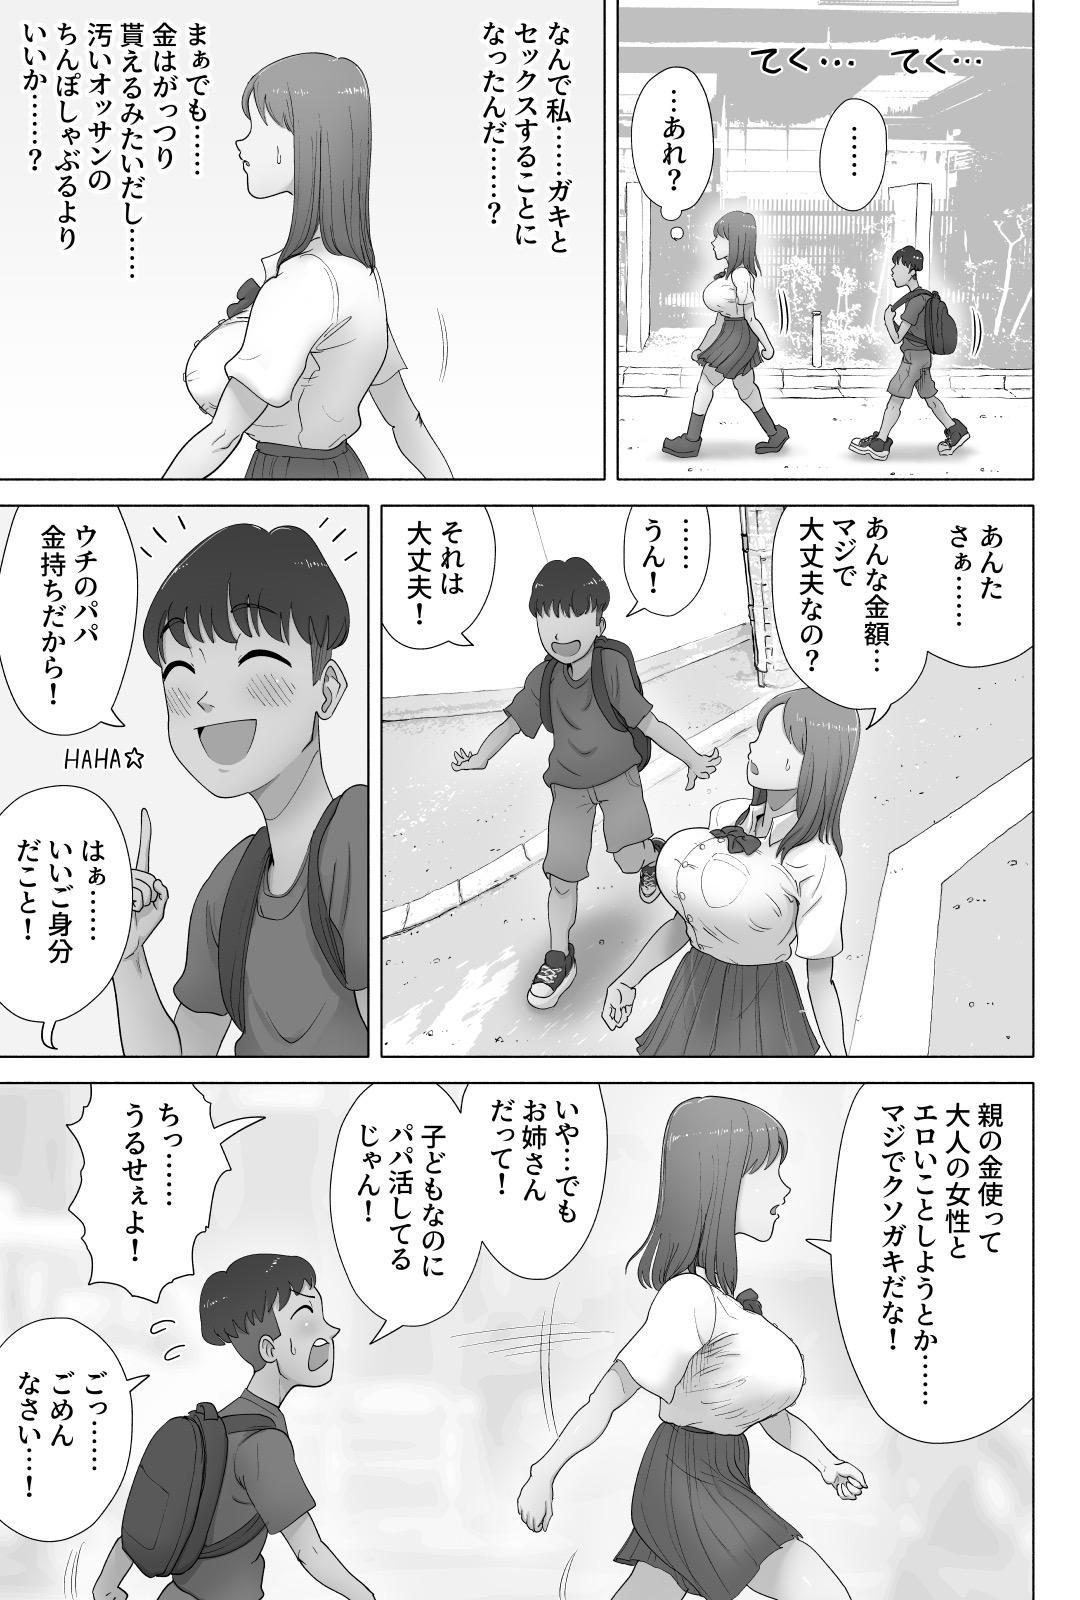 Papakatsu Shitetara Kusogaki no Pet ni Nacchatta Kyonyuu Gal 5